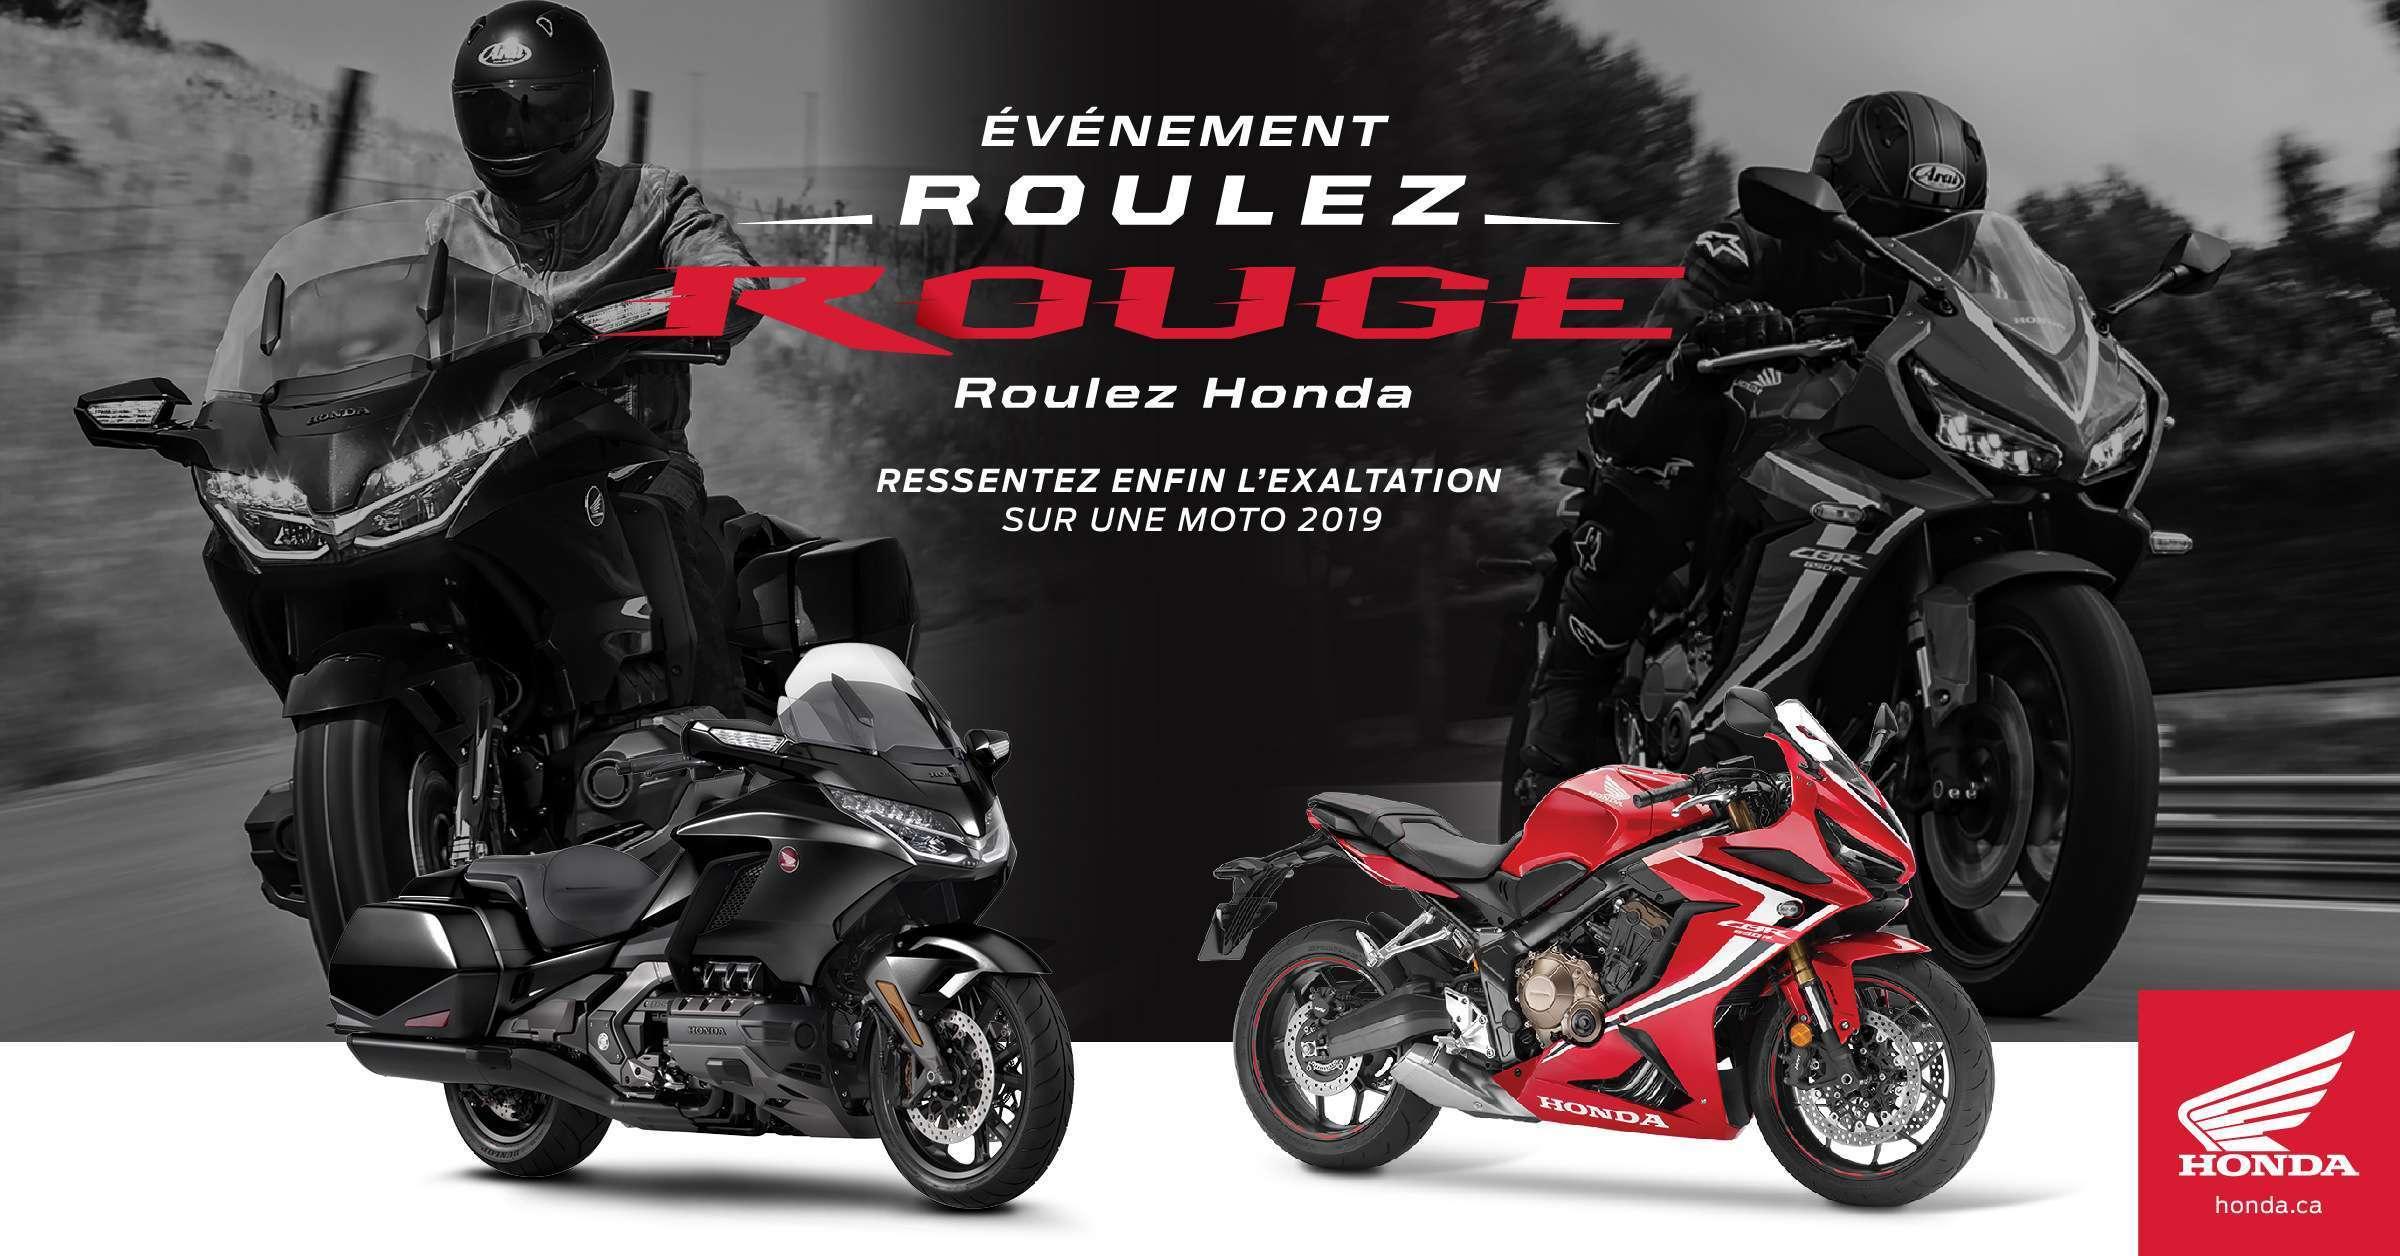 L'événement Roulez rouge Roulez Honda est en cours !